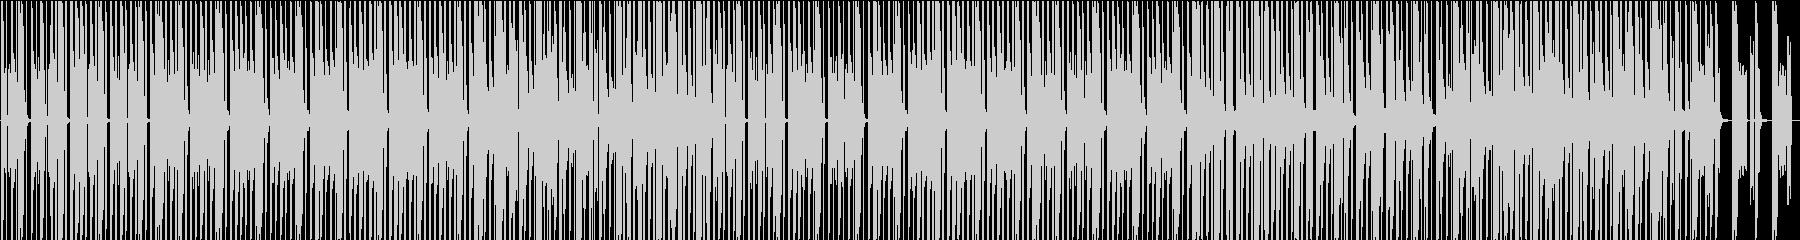 ダンジョン探索のようなHiphopの未再生の波形